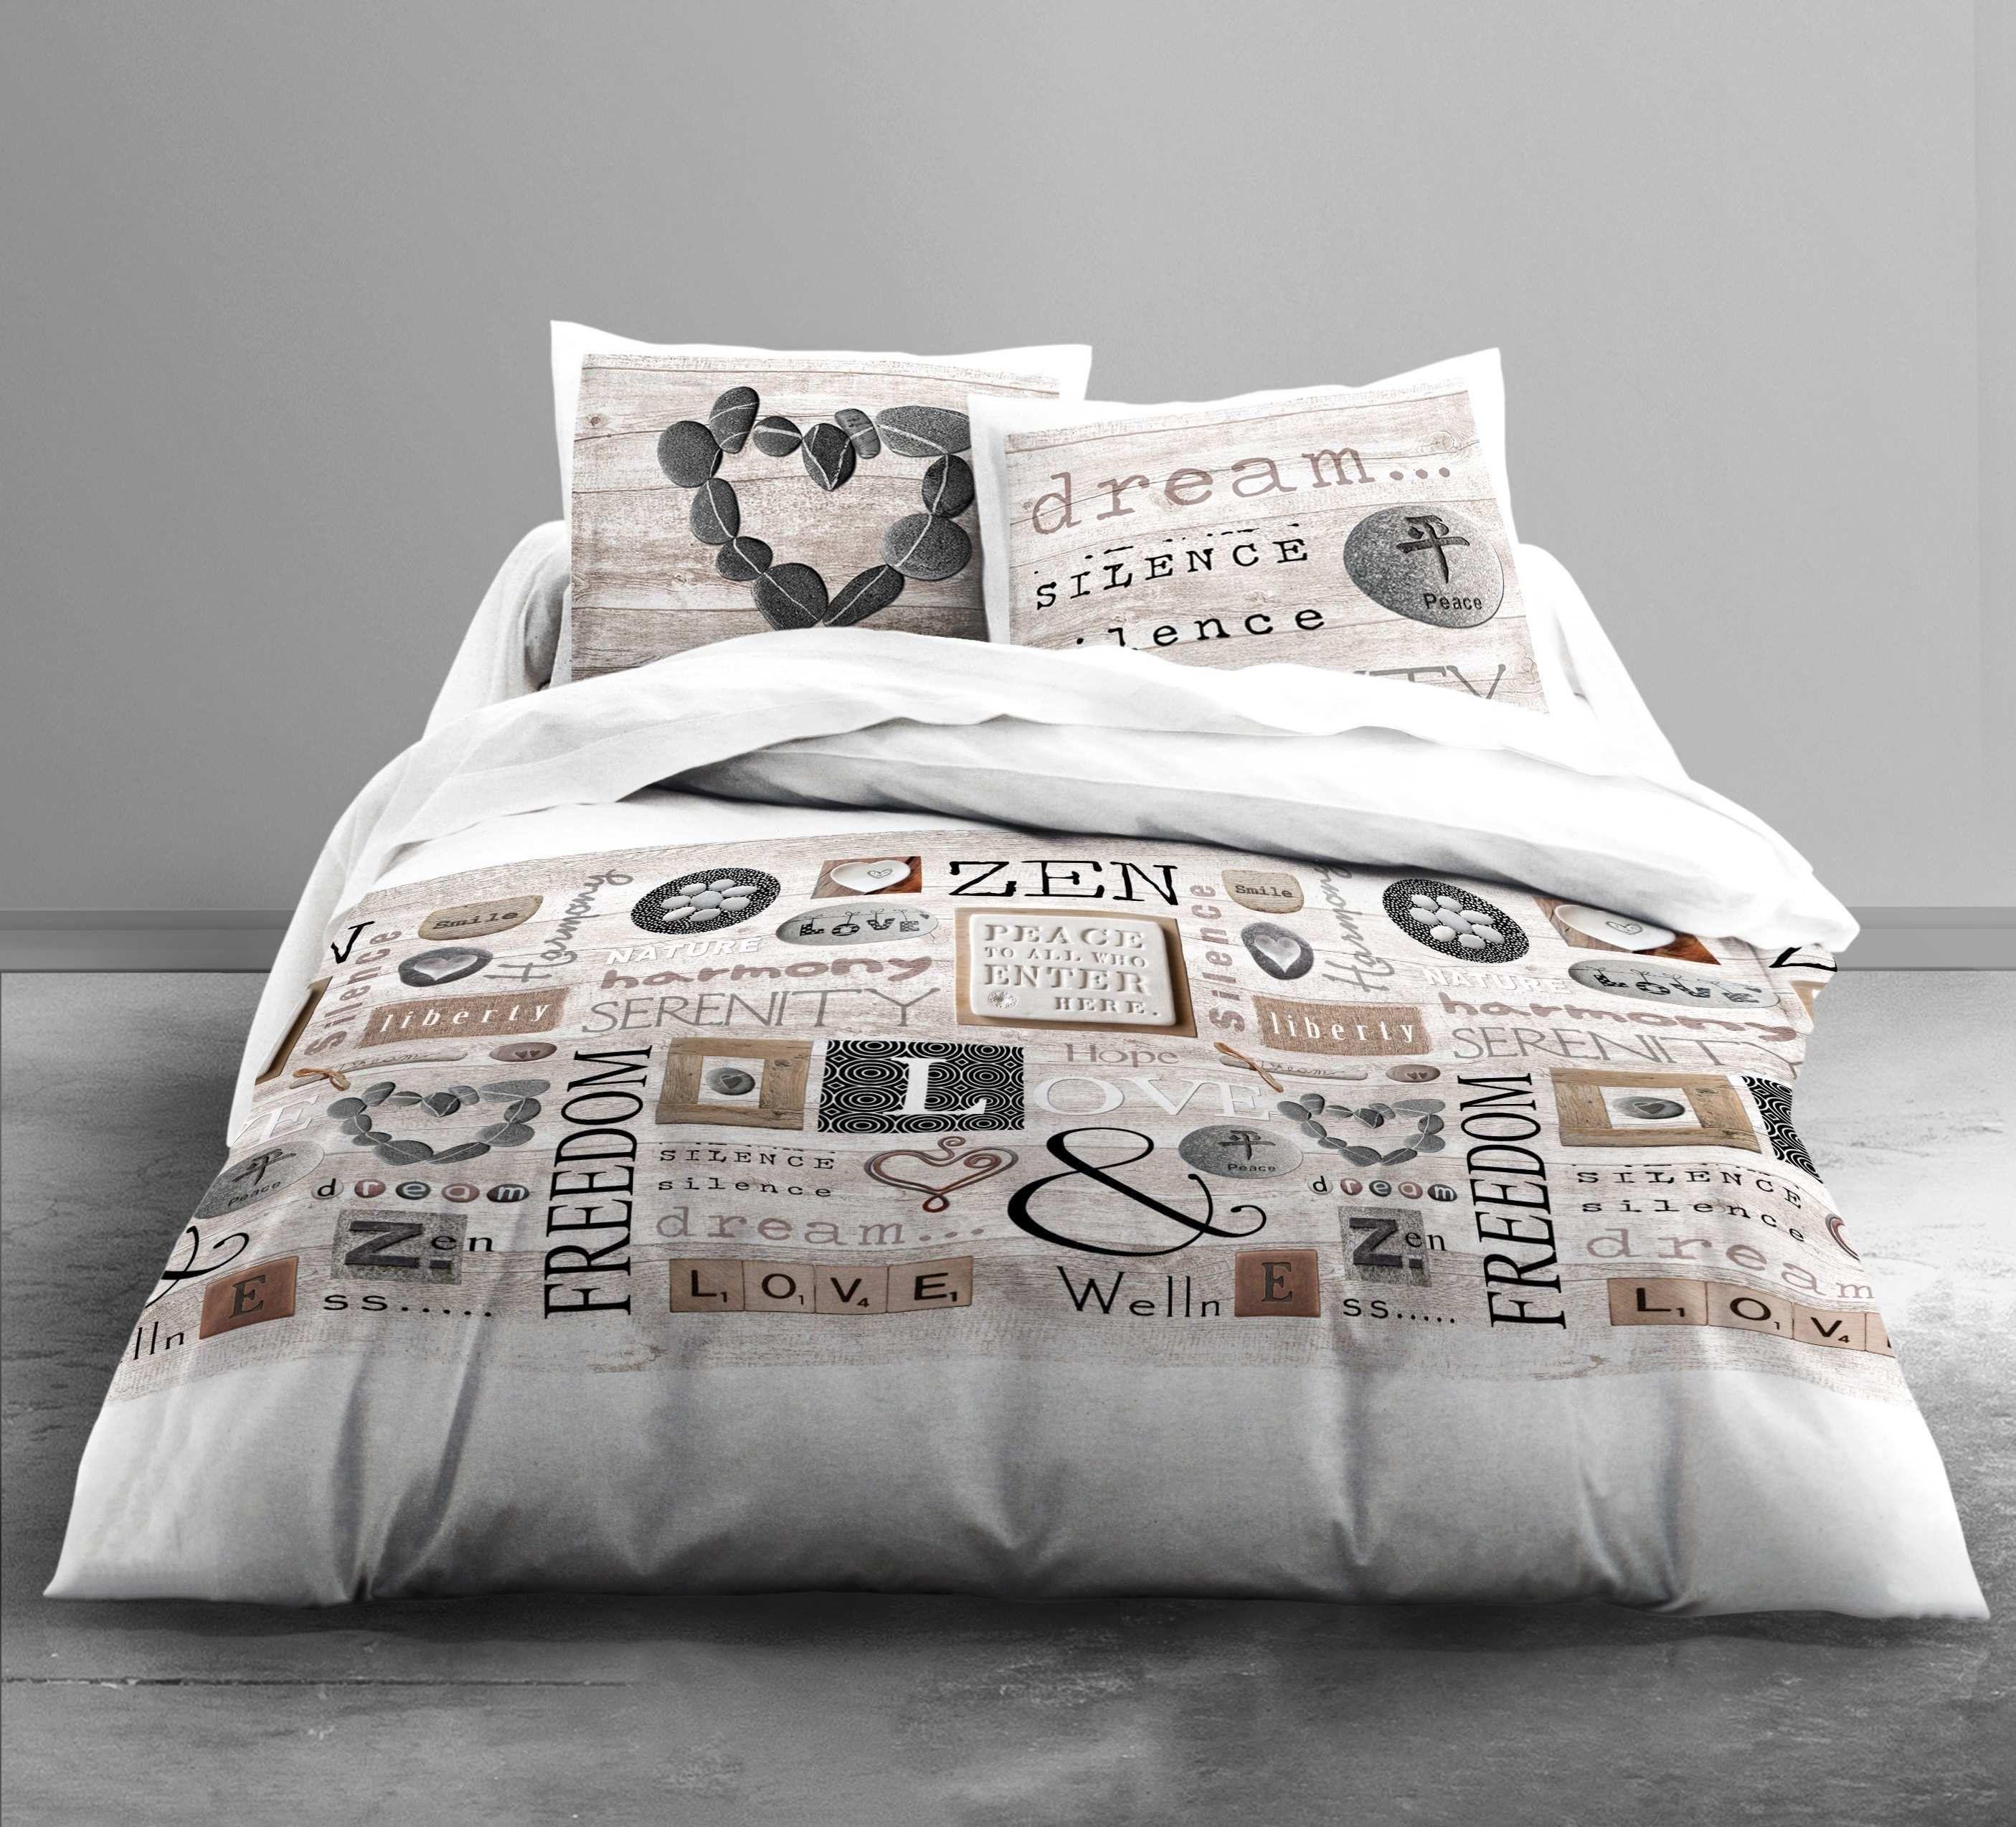 Housse De Couette One Piece Housse De Couette One Piece Housse De Couette La Pagnie Du Blanc La Pagnie Du Blanc Vous Presente Le Model Bed Duvet Covers Duvet